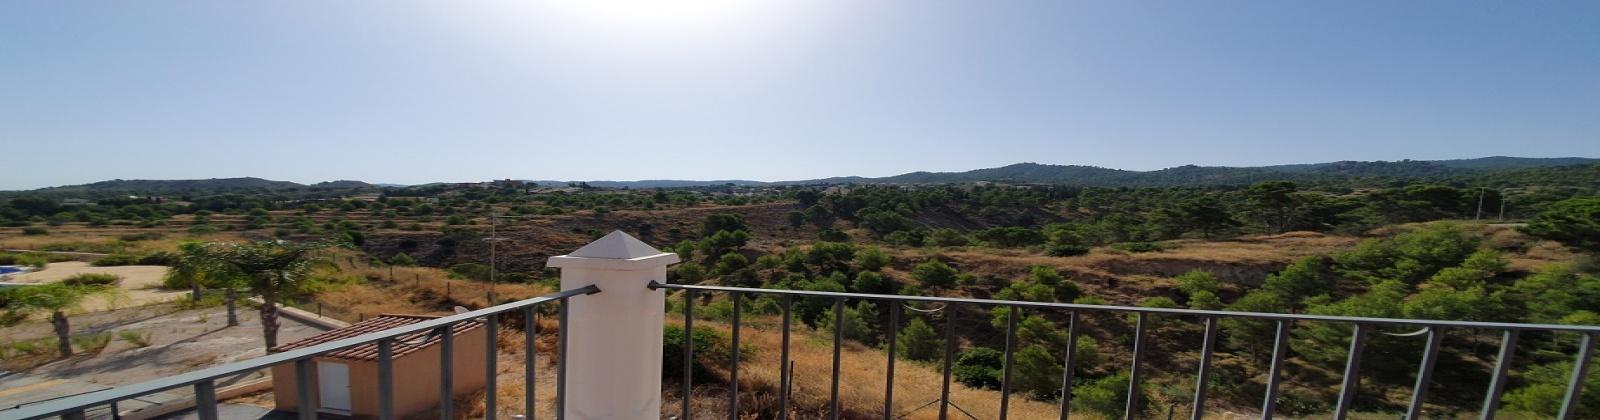 Vistas Monte Torreguil